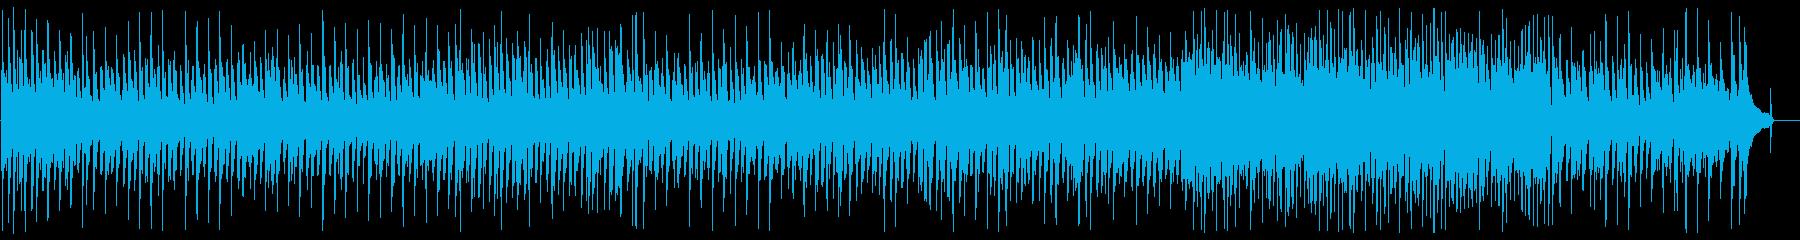 なめらかで軽快なピアノメロディーの再生済みの波形